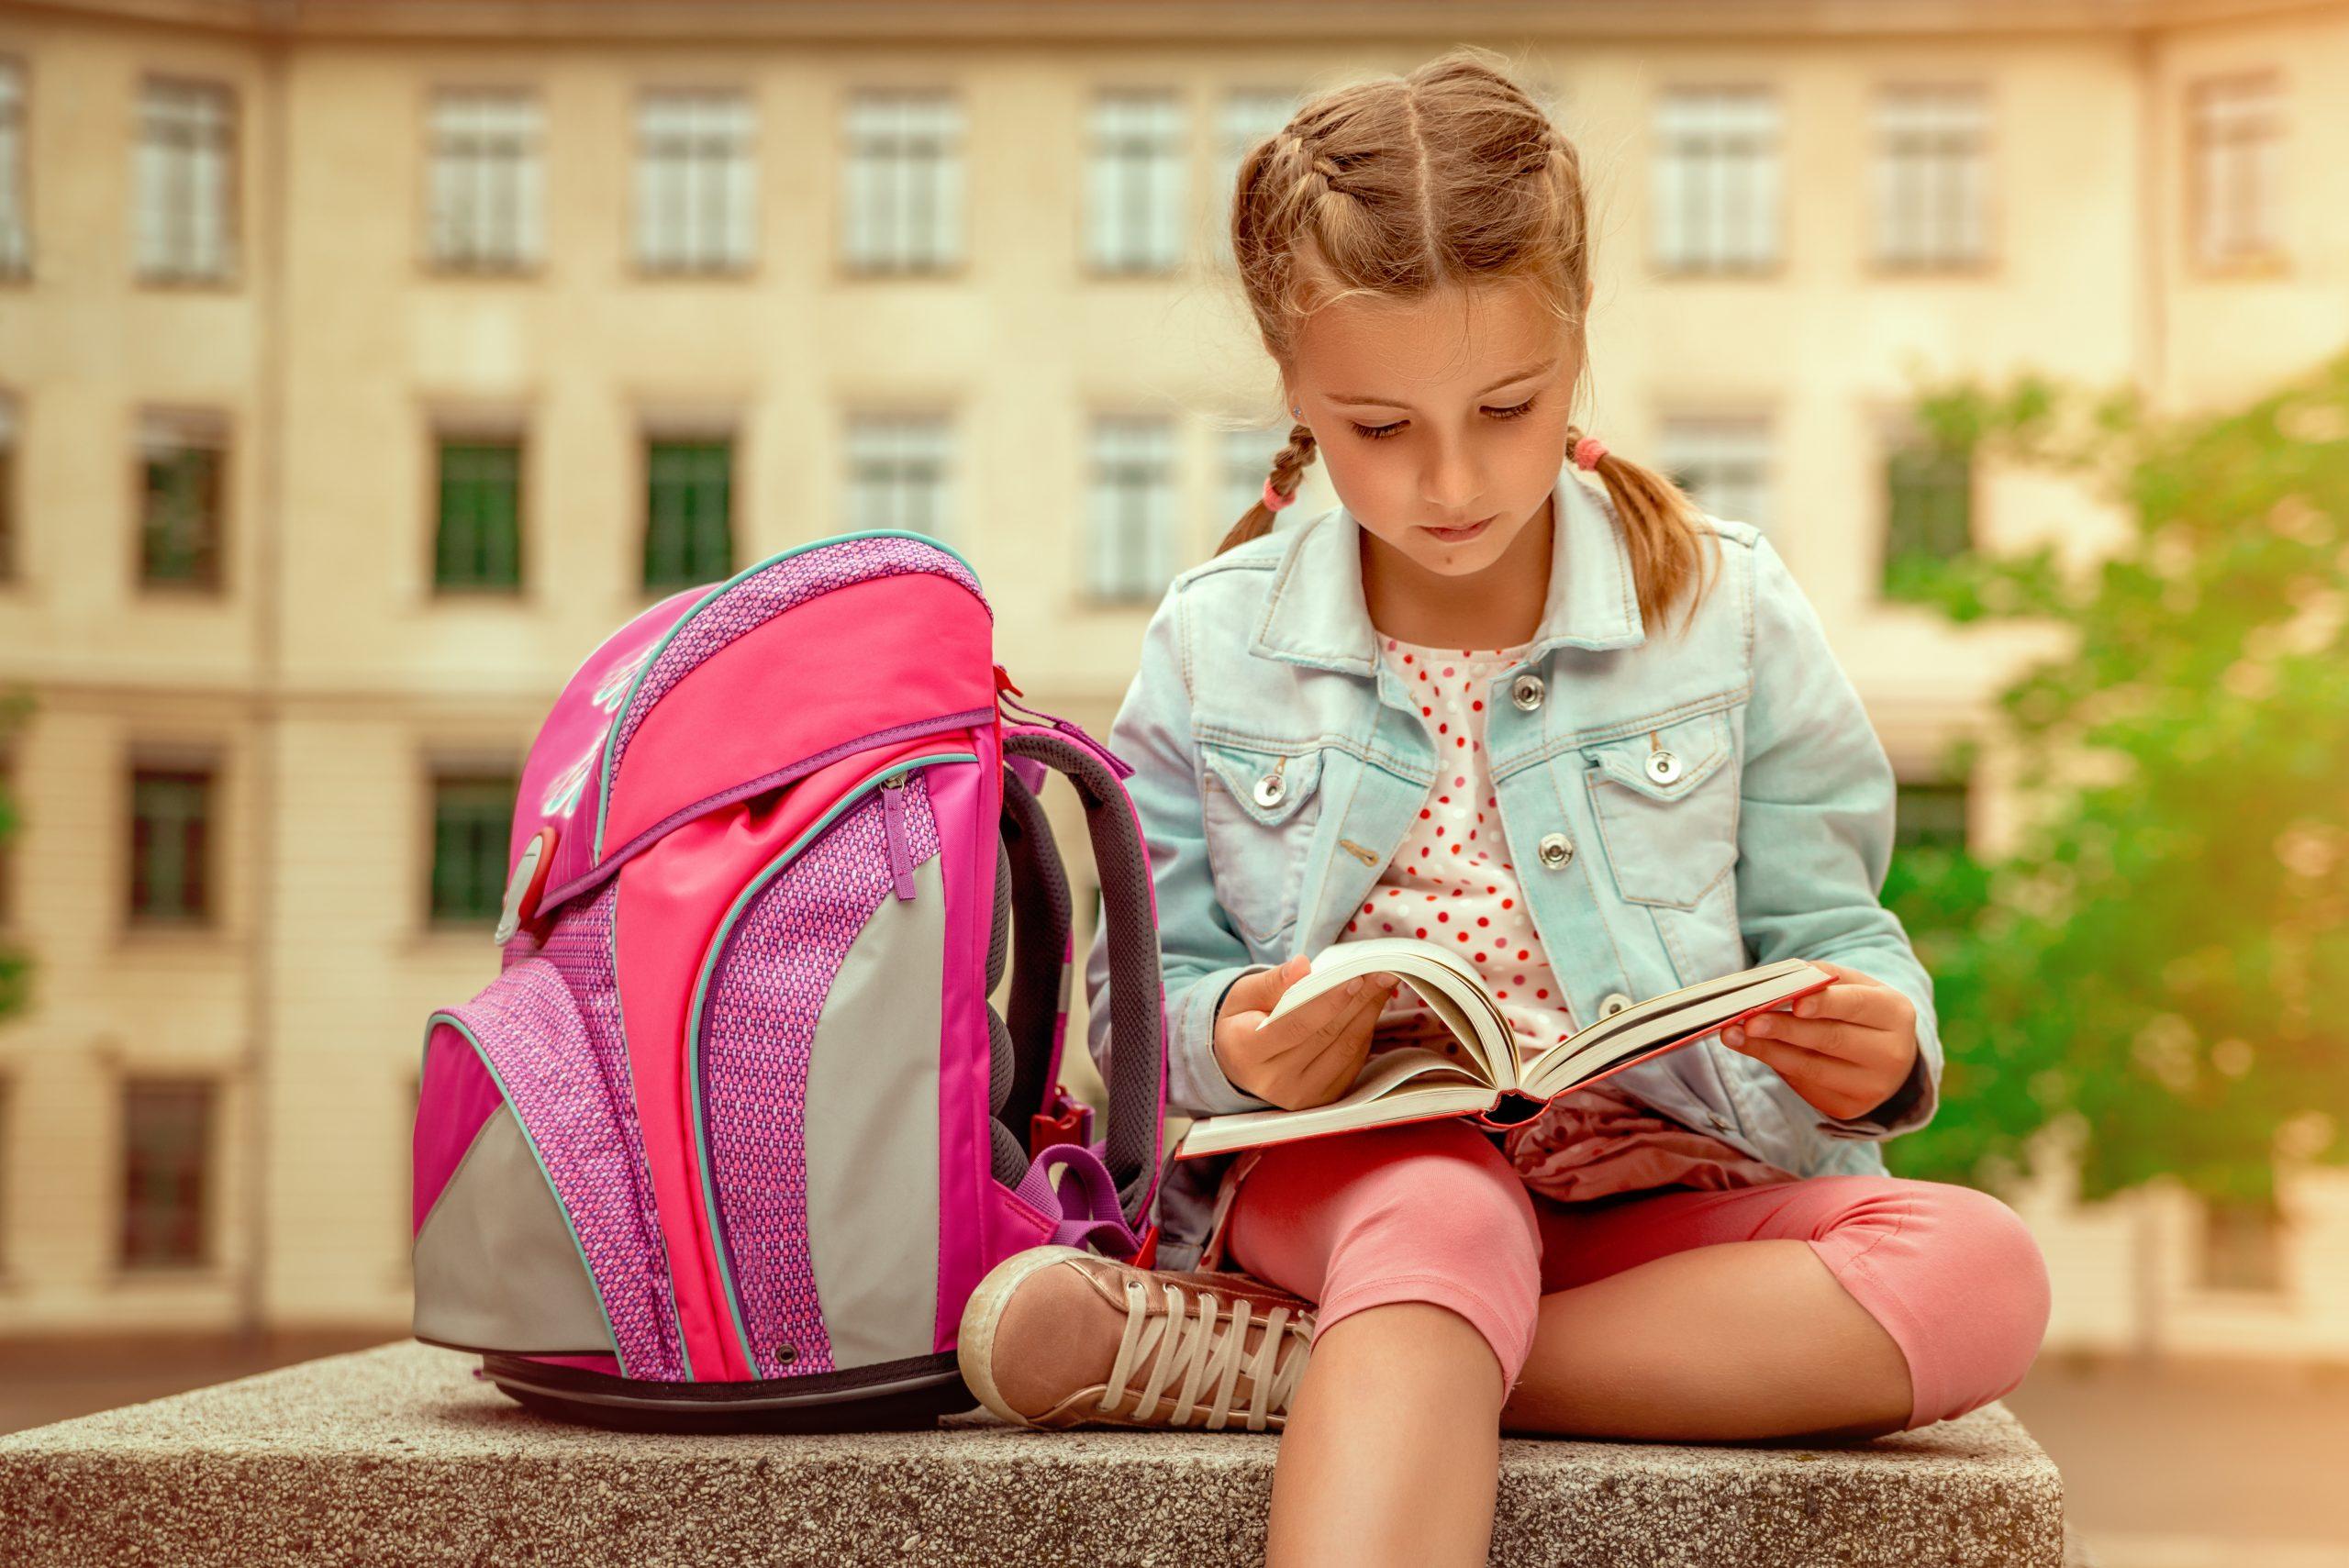 Oprogramowanie dla dzieci stosowane w edukacji szkolnej